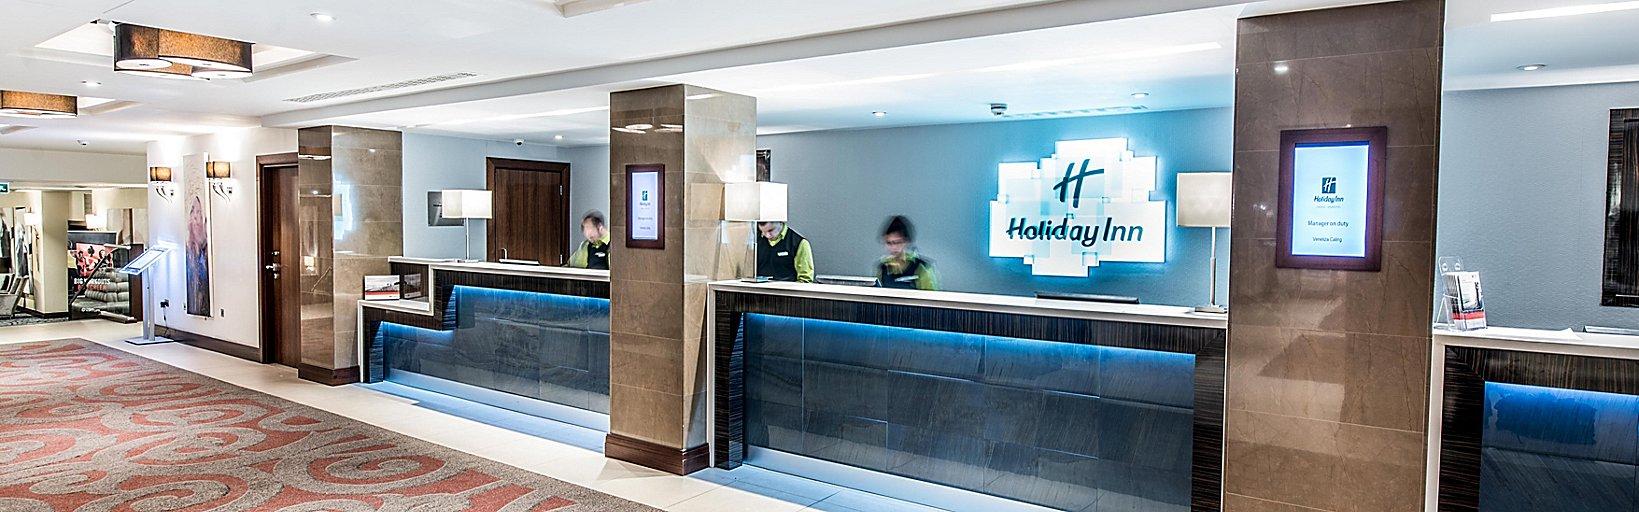 44389f1baa7e Hotel With Pool  Holiday Inn London - Kensington High St.